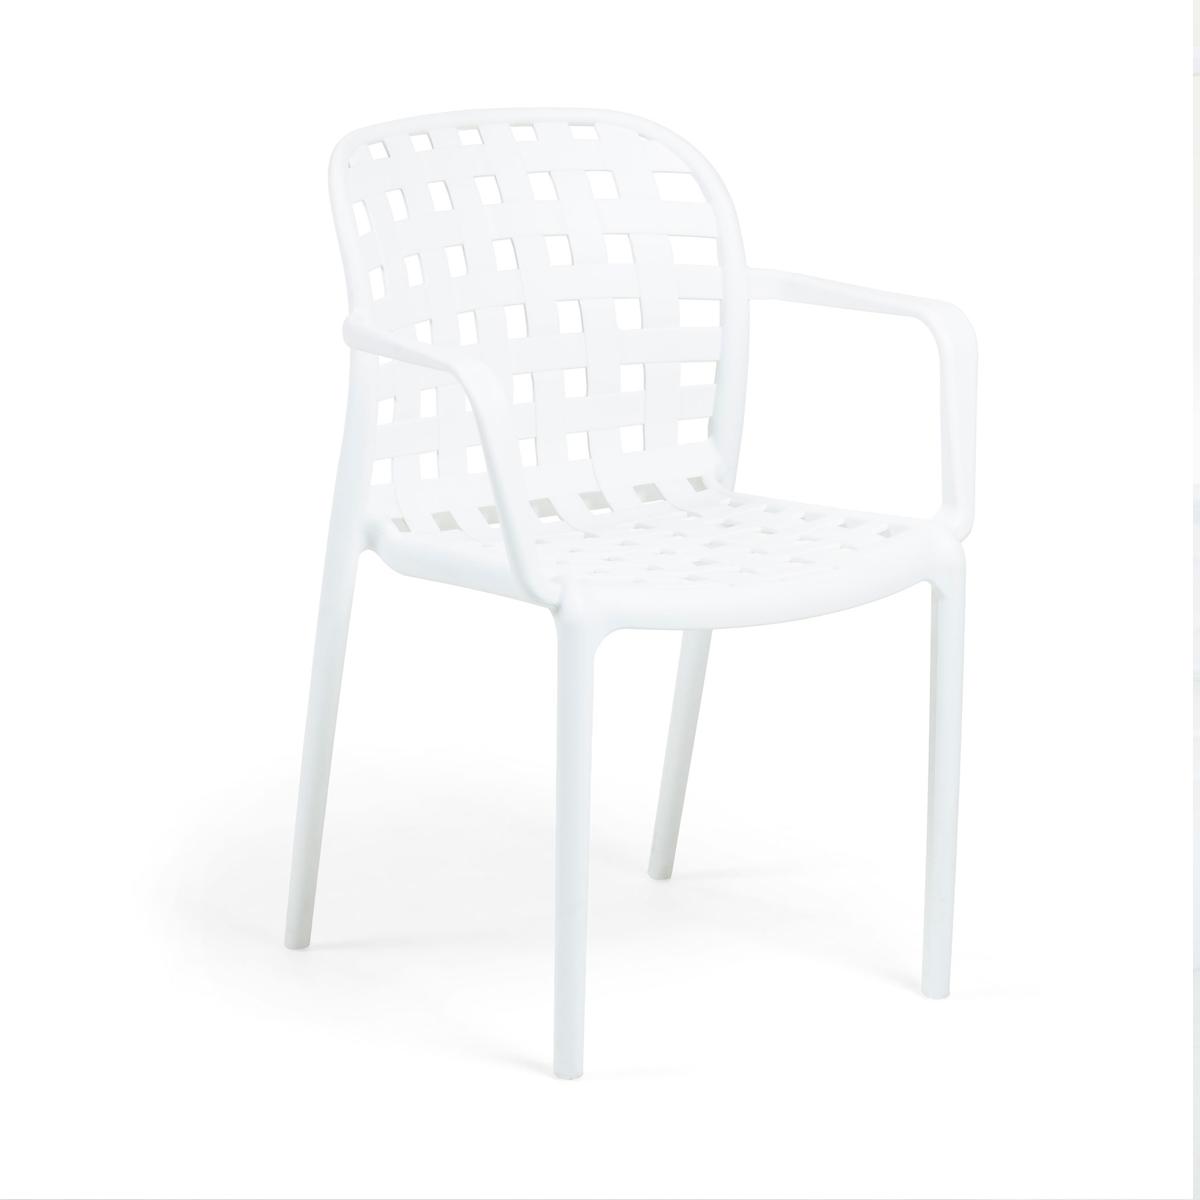 Lot de 4 chaises avec accoudoirs en polypropylène - Blanc - 58 x h 82 cm